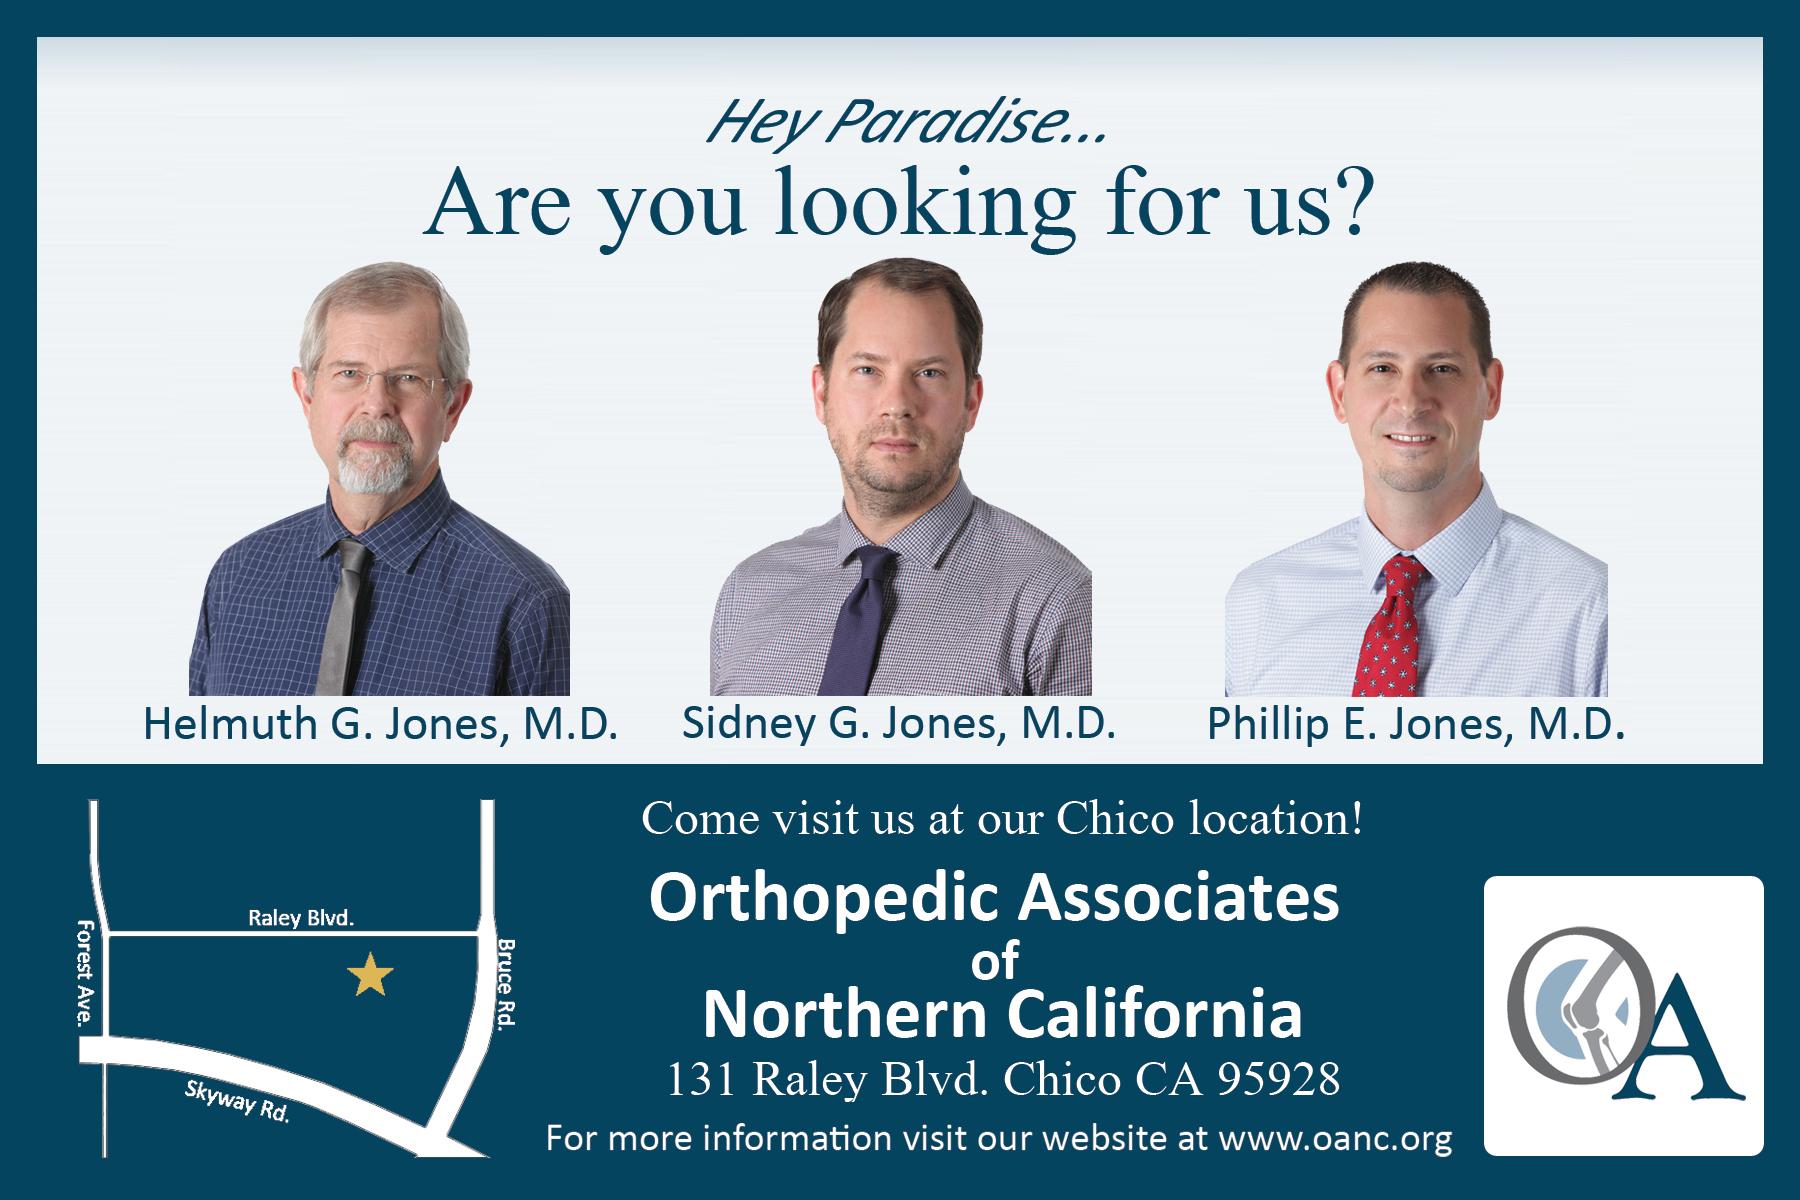 Jones---Looking-for-us